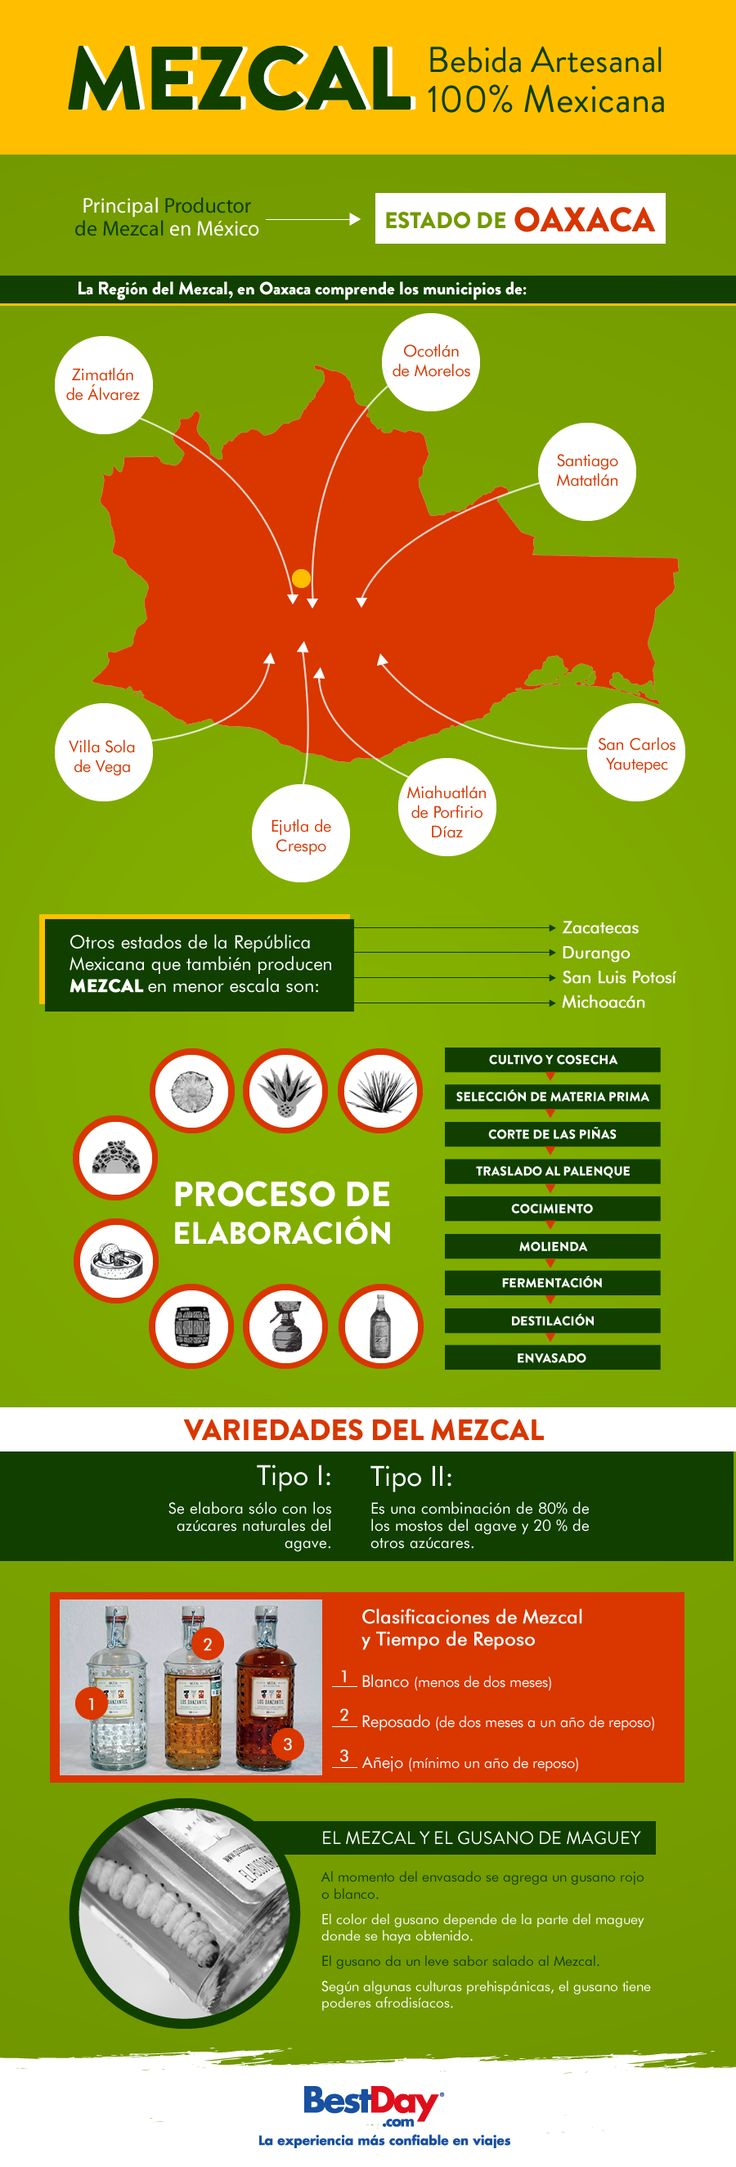 ¿Sabías que el principal estado productor de #Mezcal en México es Oaxaca? Conoce más sobre la elaboración de esta bebida artesanal 100% Mexicana en nuestra infografía.